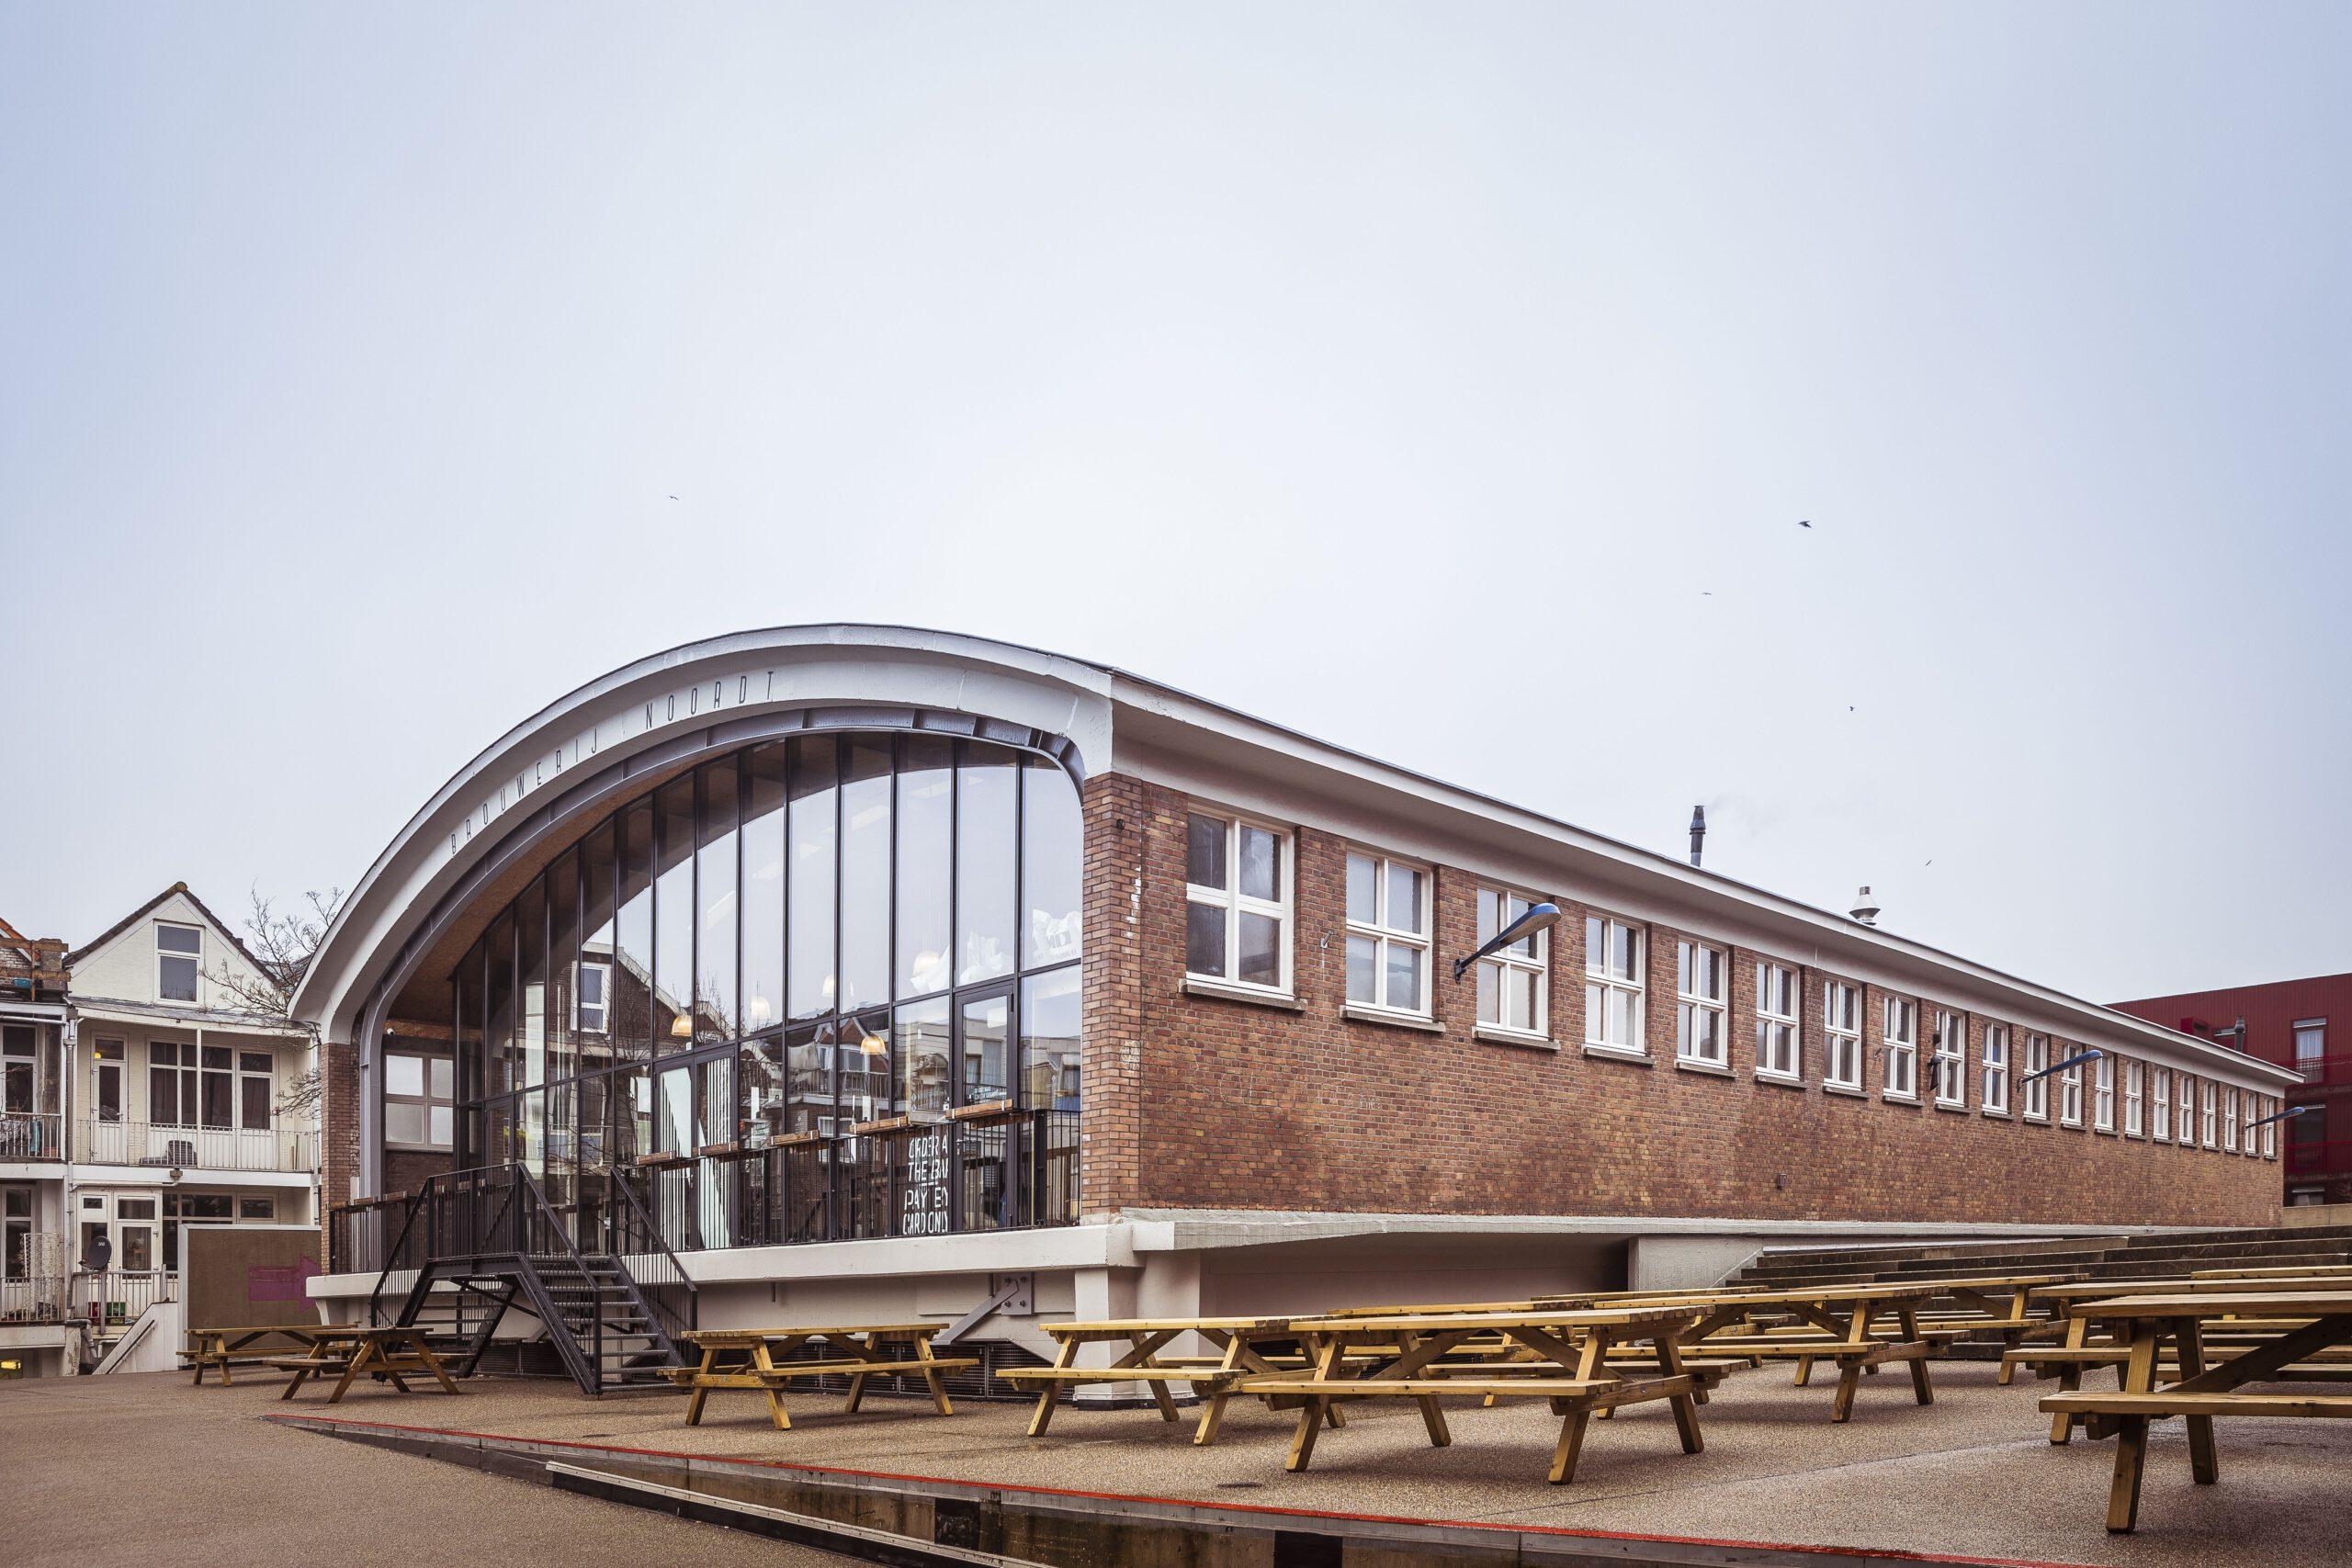 Brouwerij Noordt in Rotterdam vaart op ongetemde wateren met experimentele brouwsels uit het lagerlab. Zijn ze gelukt?  TheDutchBeerDad proefde ze alvast en praat je bij op FSOM Magazine.